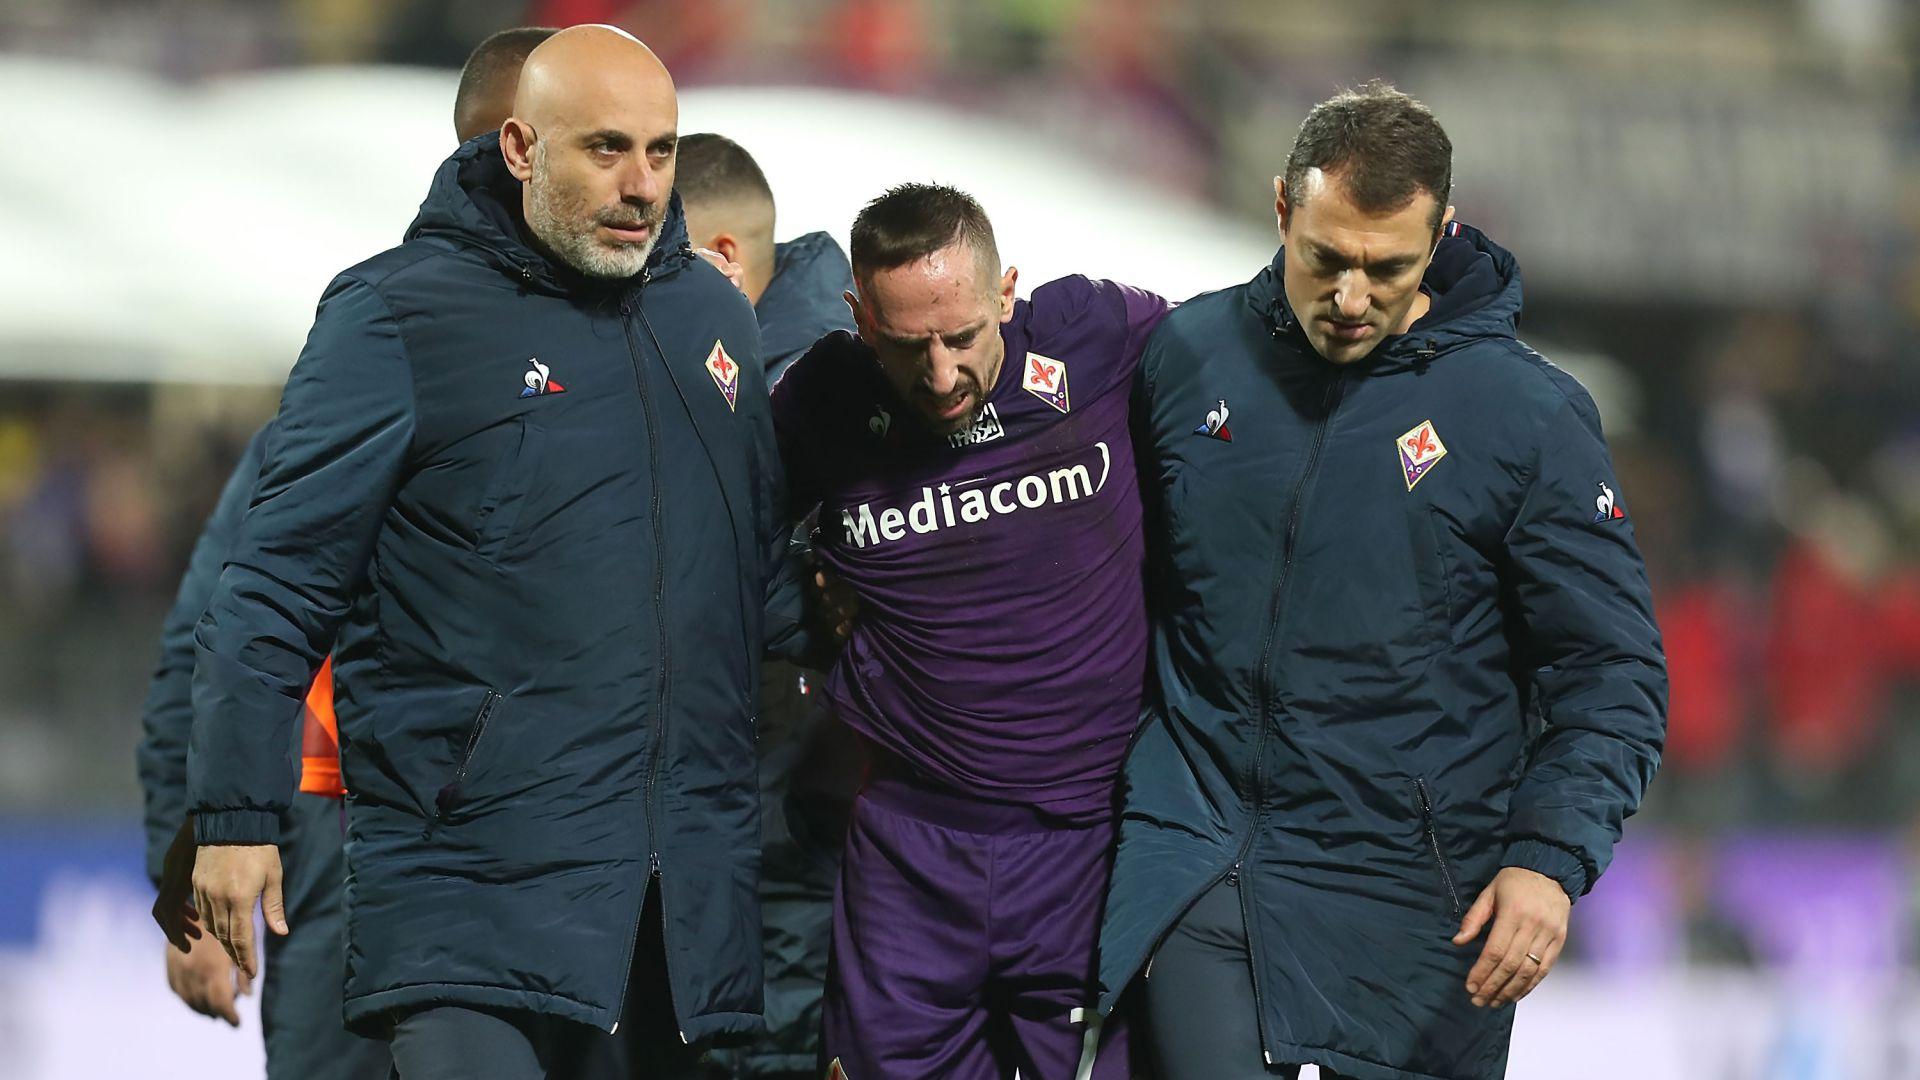 Fiorentina, Franck Ribéry encore loin d'un retour